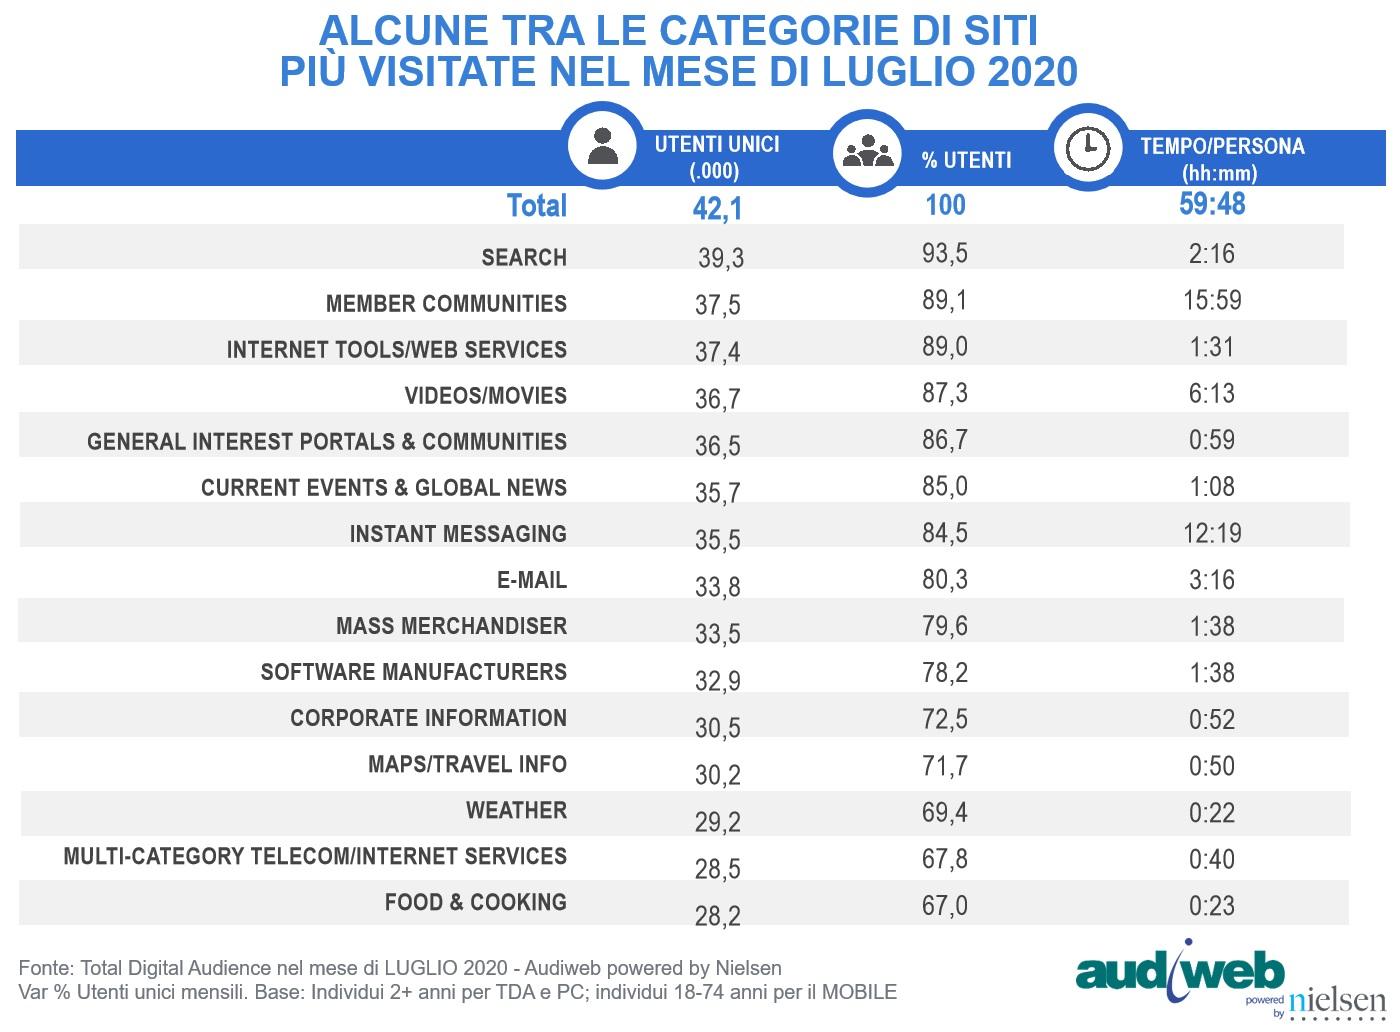 Total Digital Audience Luglio 2020 categorie siti - Web. A luglio 2020 sul web calo generalizzato di accessi rispetto ai mesi precedenti. Ma è fisiologico